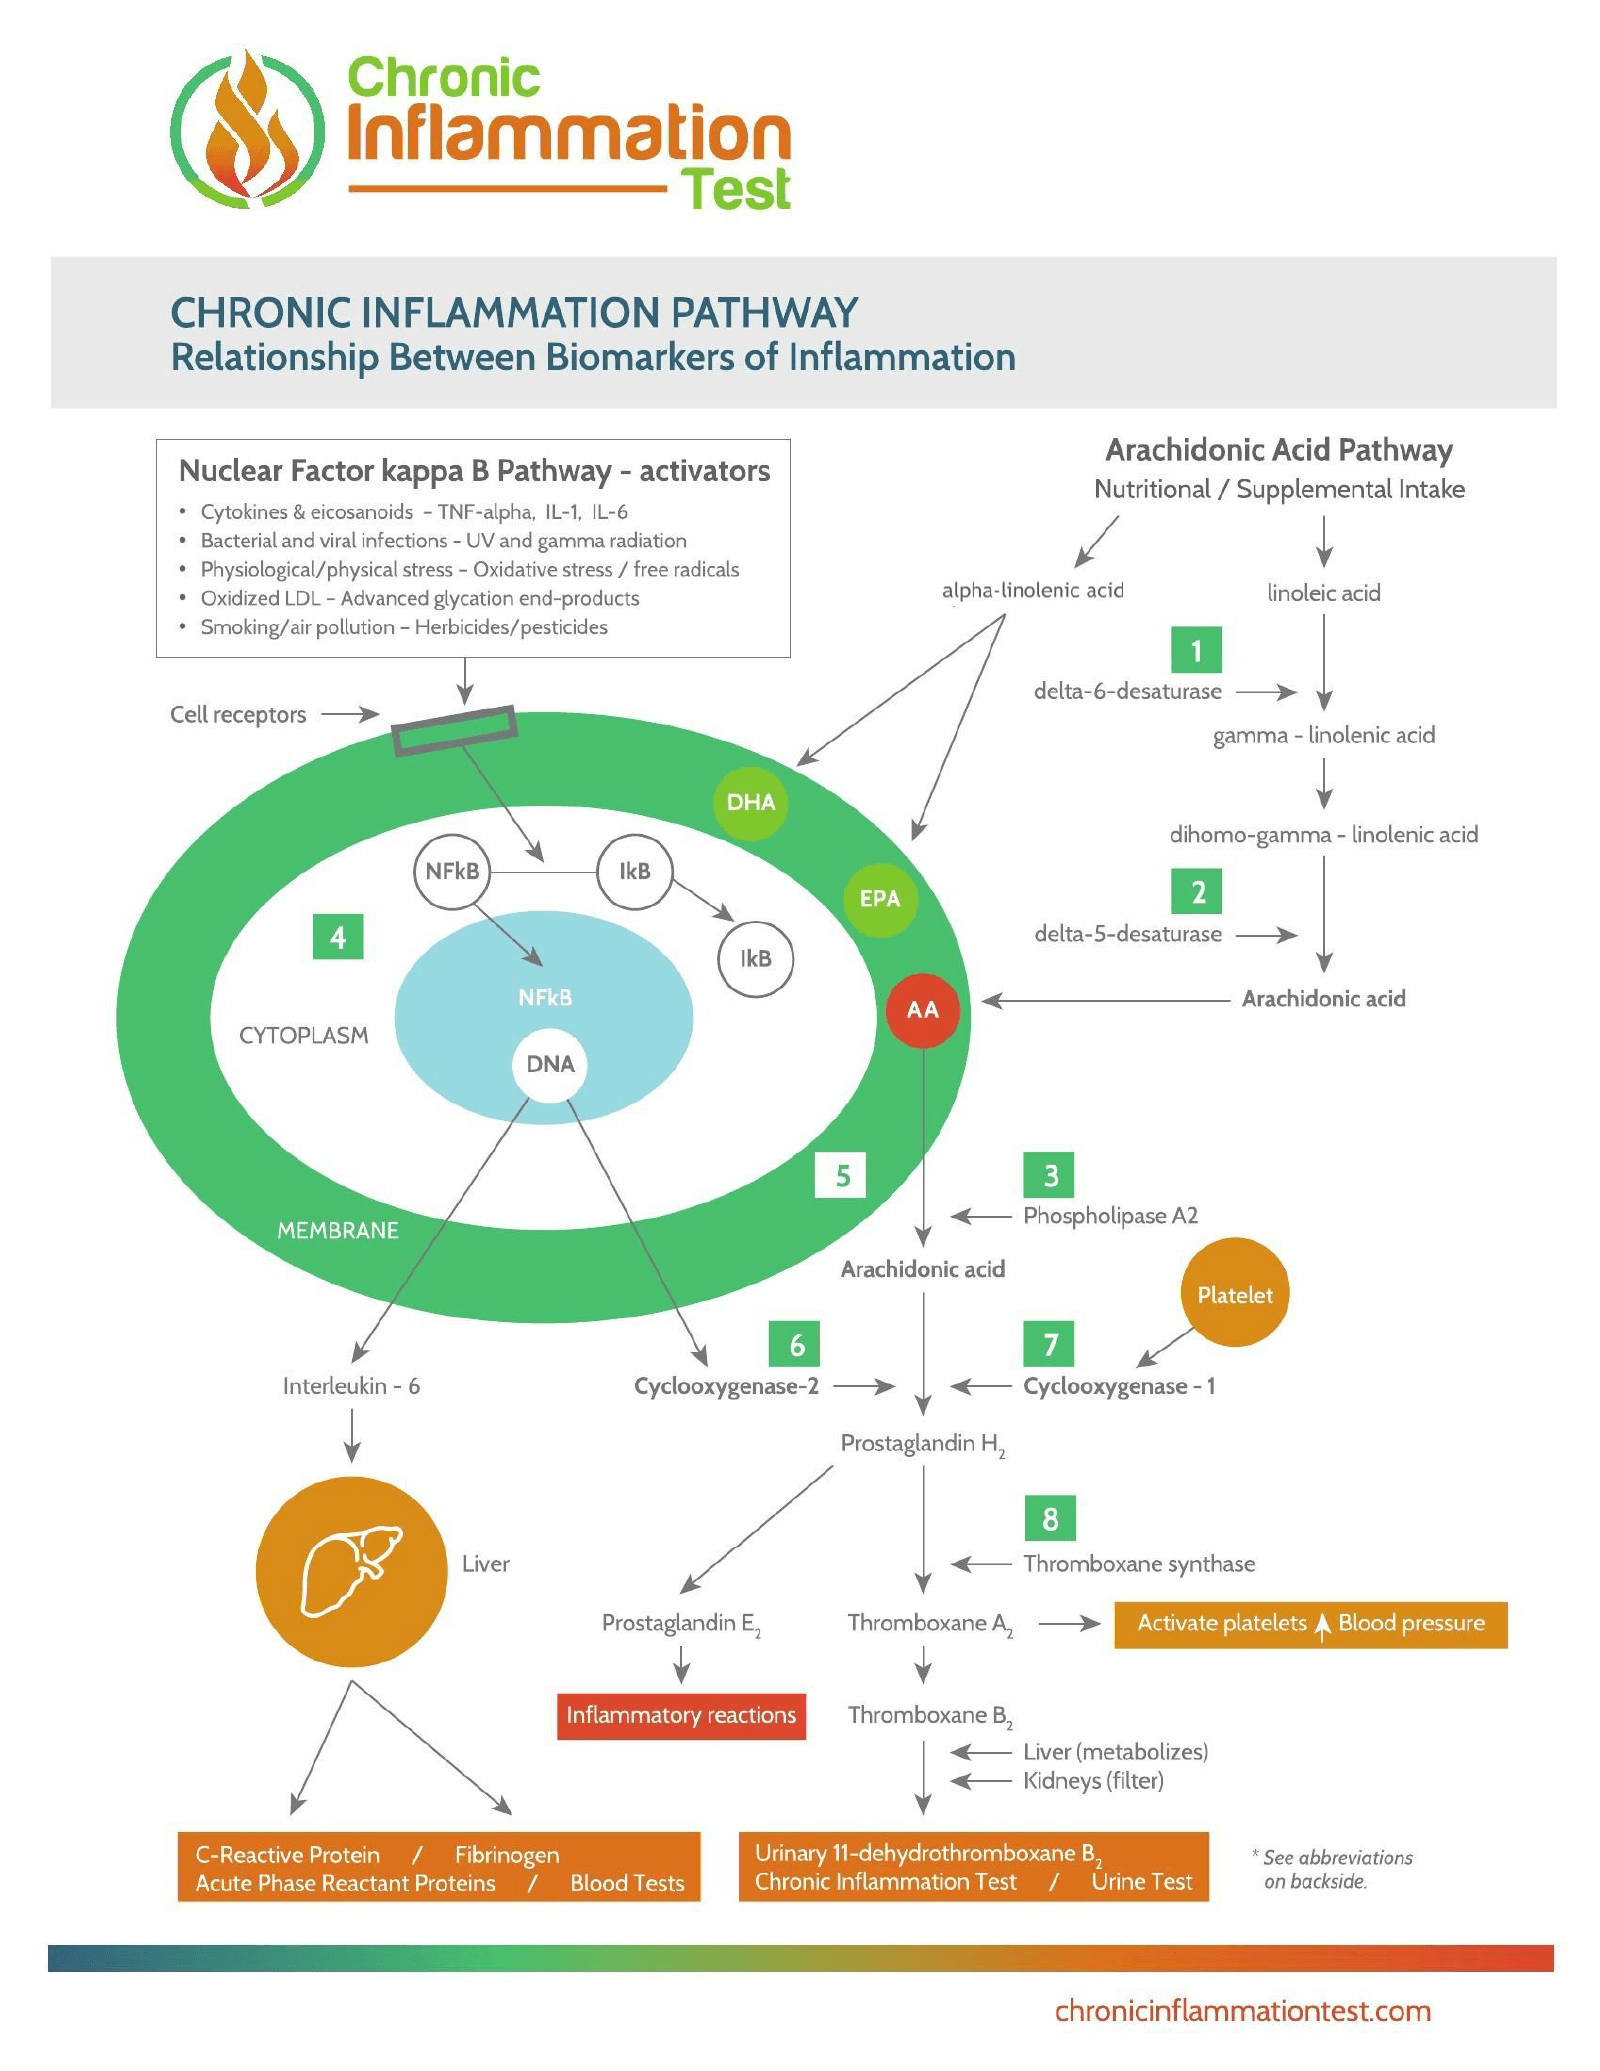 biomarker-schematics.png